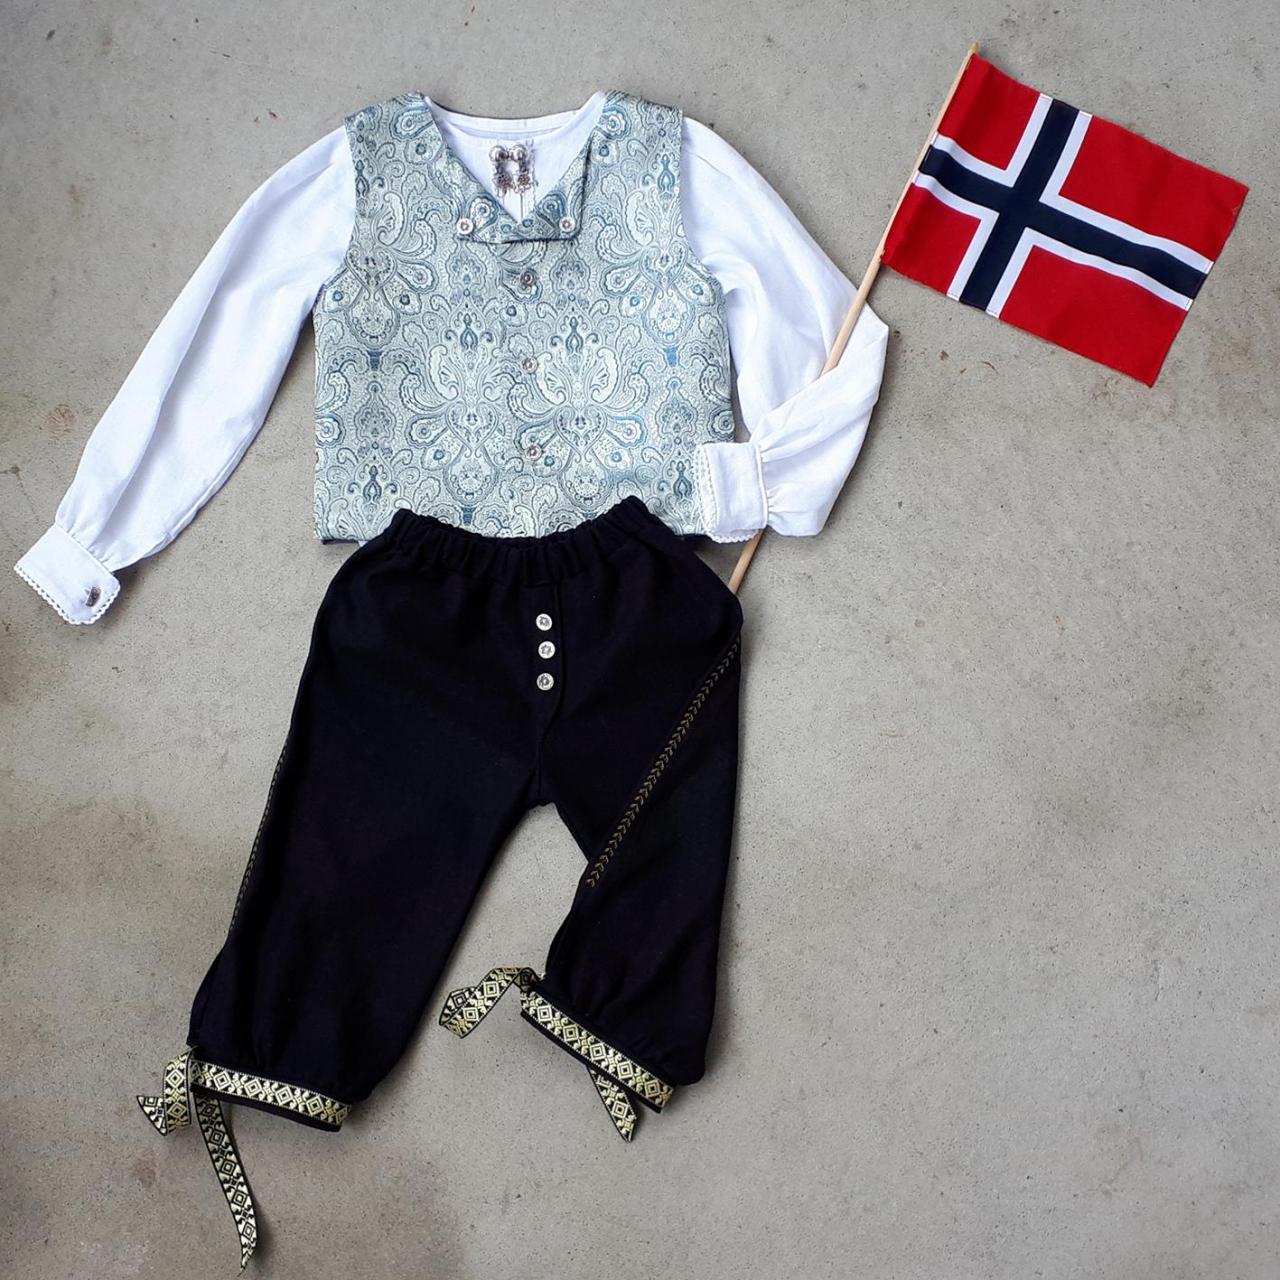 FESTDRAKT: Maja T. Berg har sydd klær for andre under navnet Mint & Mynte siden 2016, både til barn og voksne. Foto: Privat